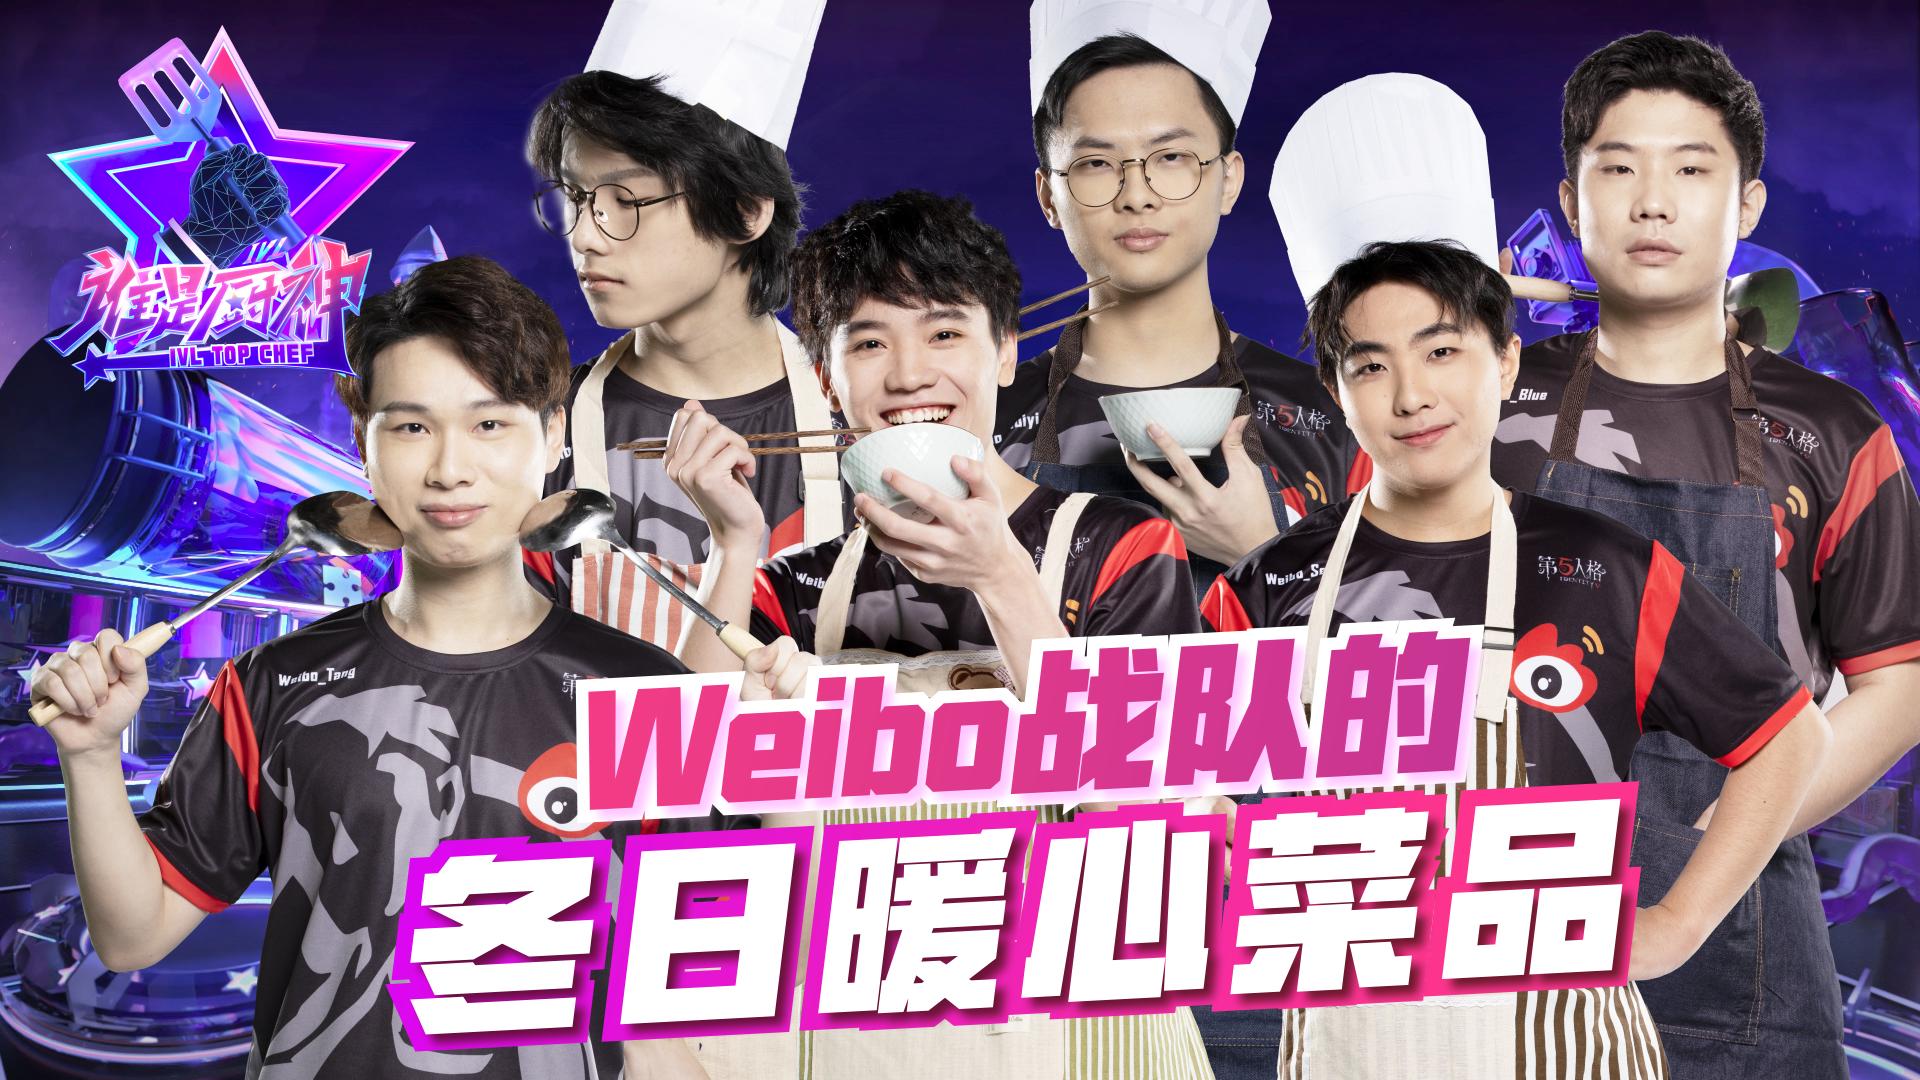 """【IVL谁是厨神】秋季赛第一期:Weibo战队暖心菜品""""你是我的眼"""""""